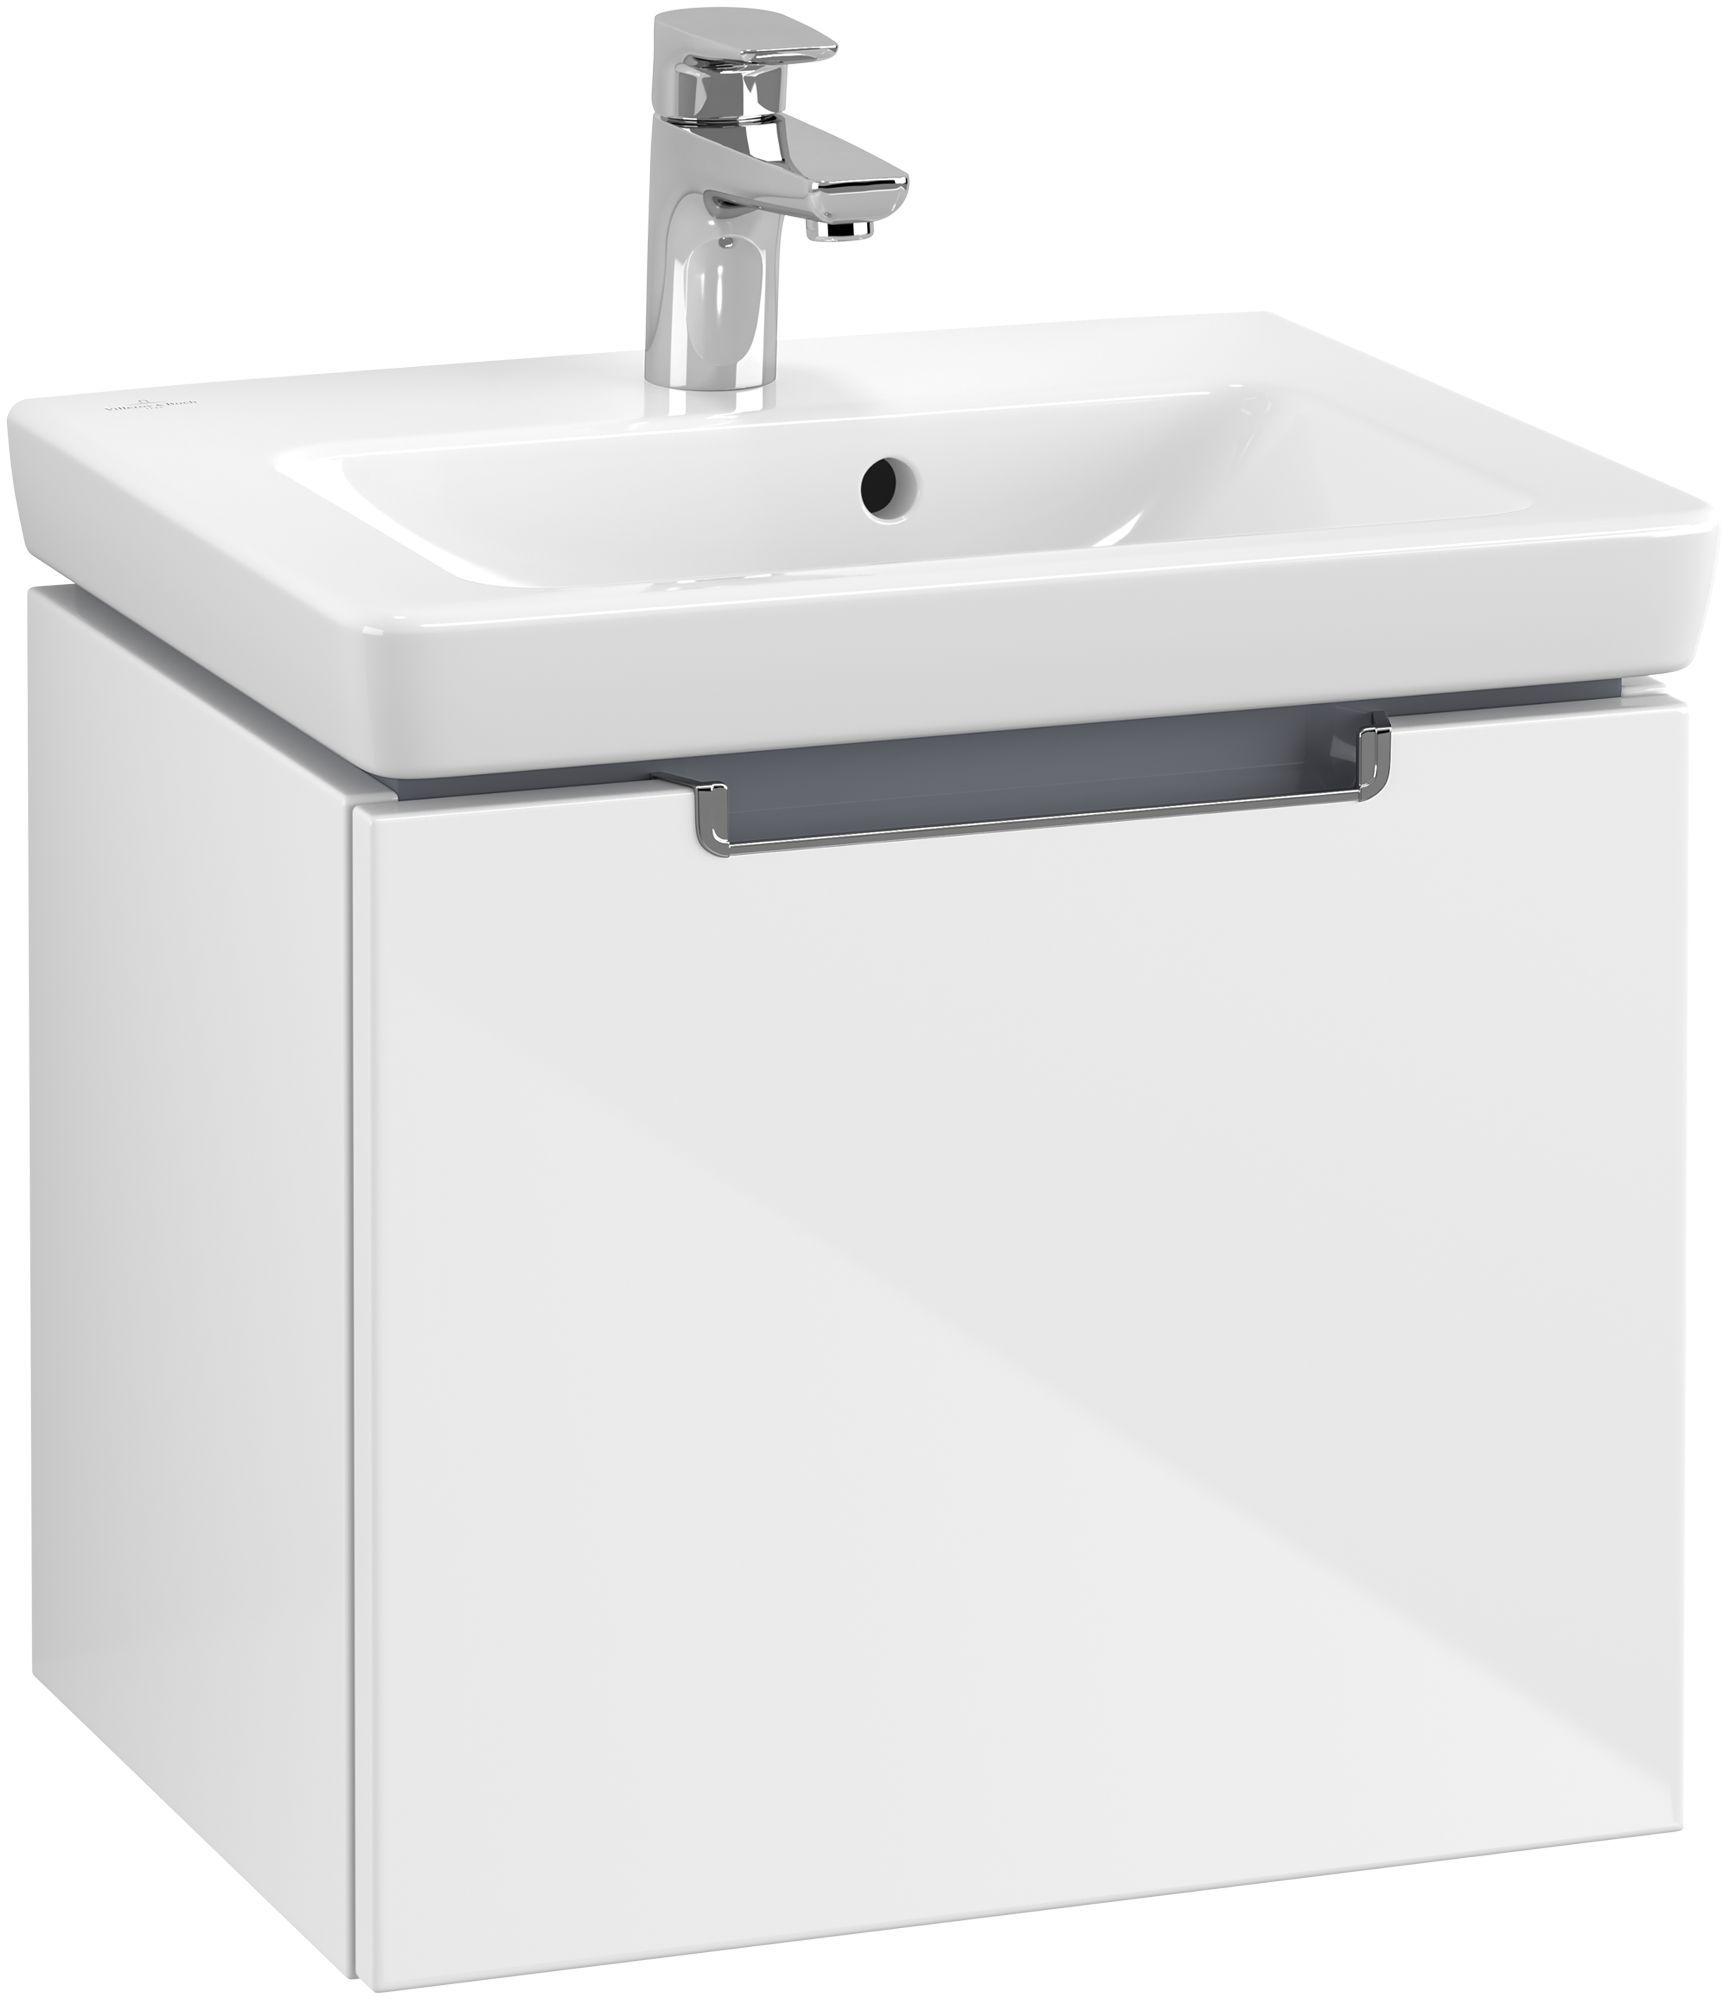 Villeroy & Boch Subway 2.0 Handwaschbecken-Unterschrank 1 Auszug B:485xT:380xH:420mm glossy weiß Griffe chrom A68510DH